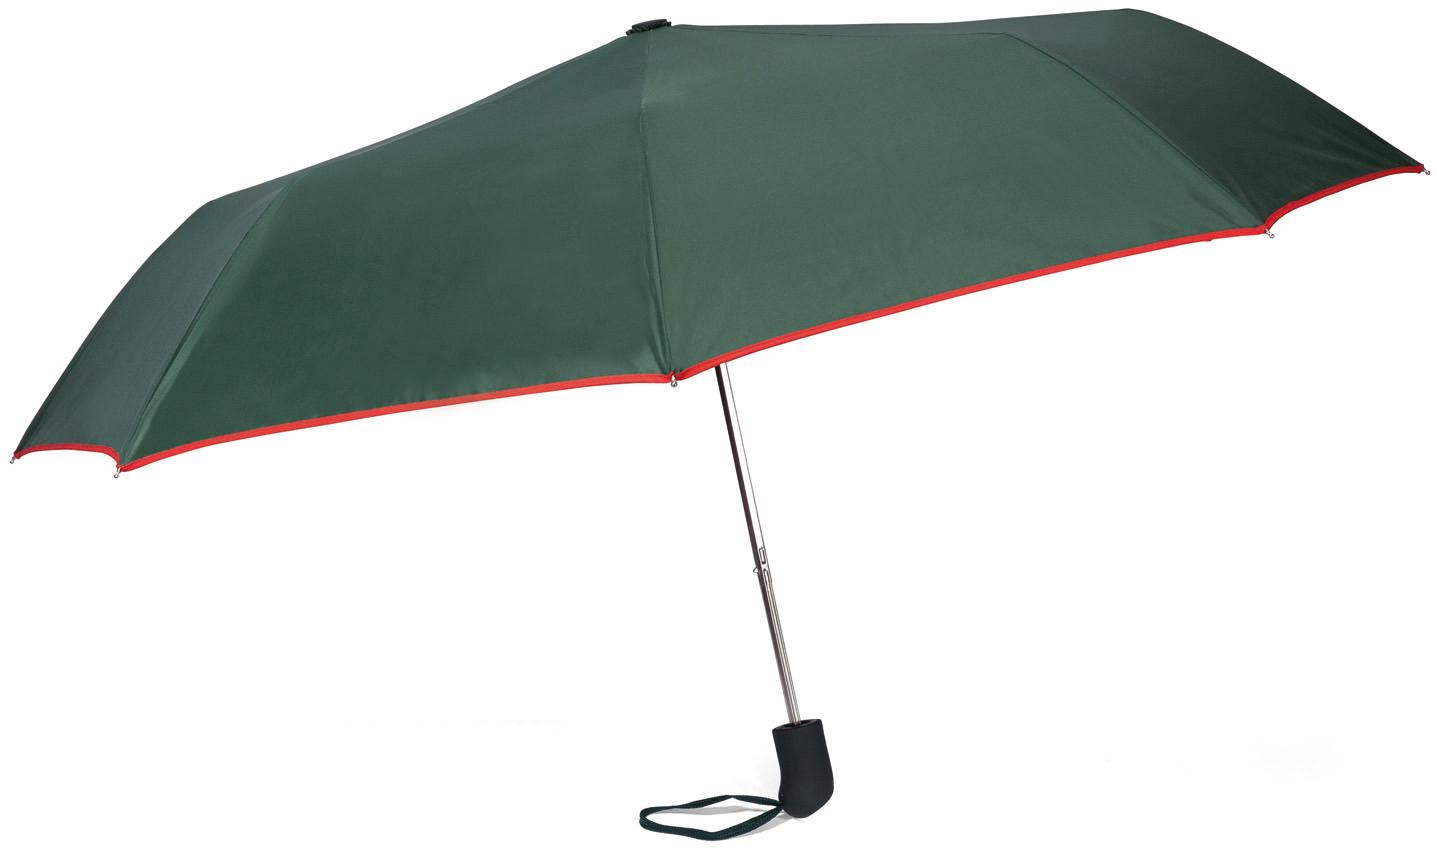 Ομπρέλα Αυτόματη 53εκ. benzi 065 Green - benzi - BZ-065-green ειδη οικ  χρησησ ομπρέλες